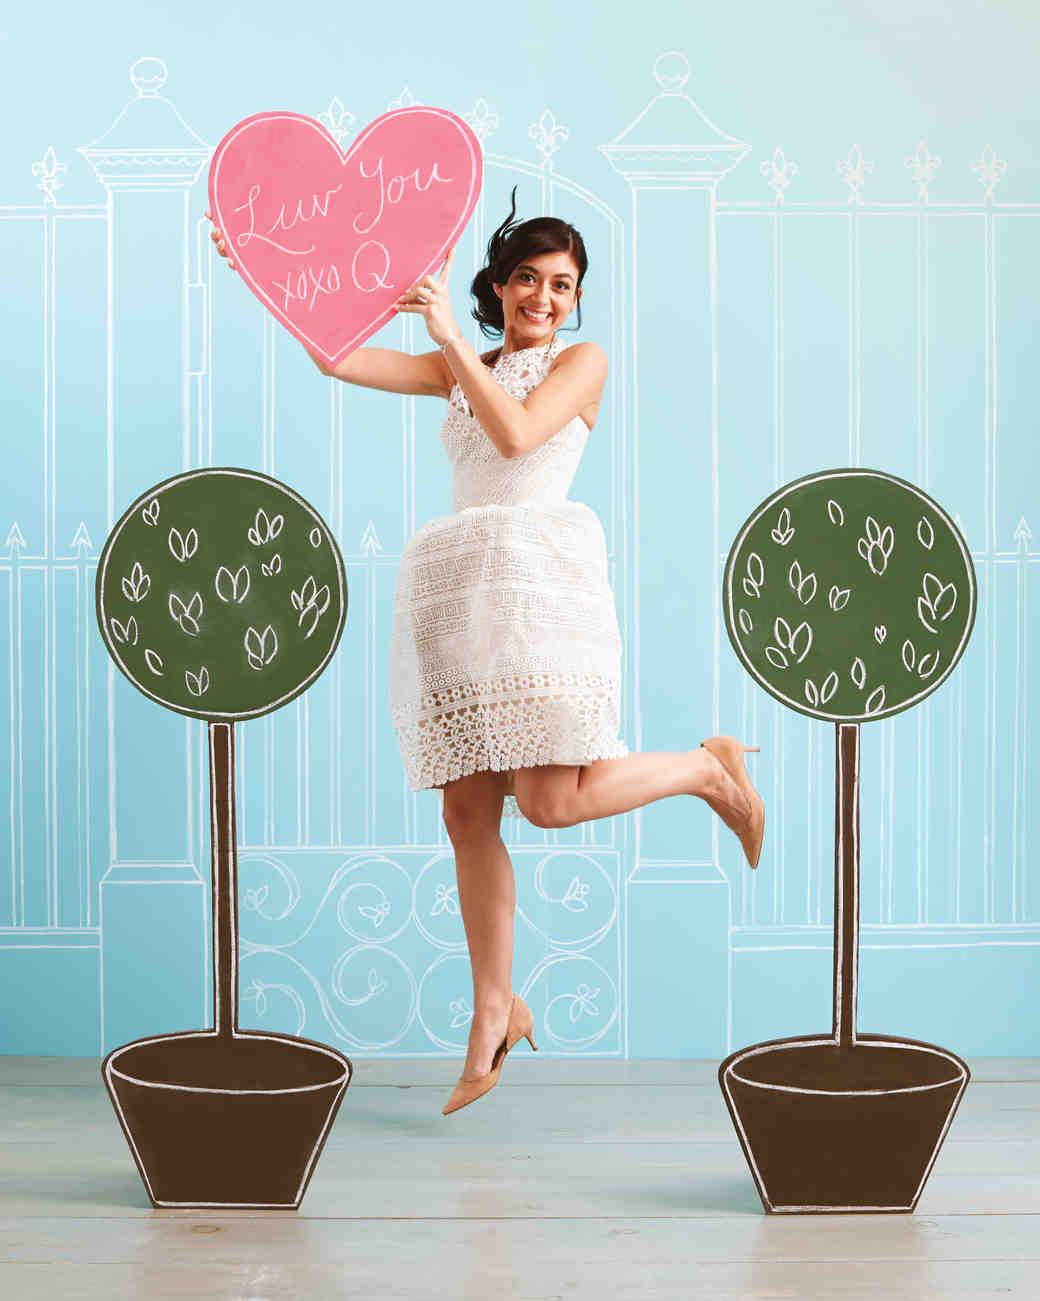 photobooth-woman-heart-0617-d111519.jpg